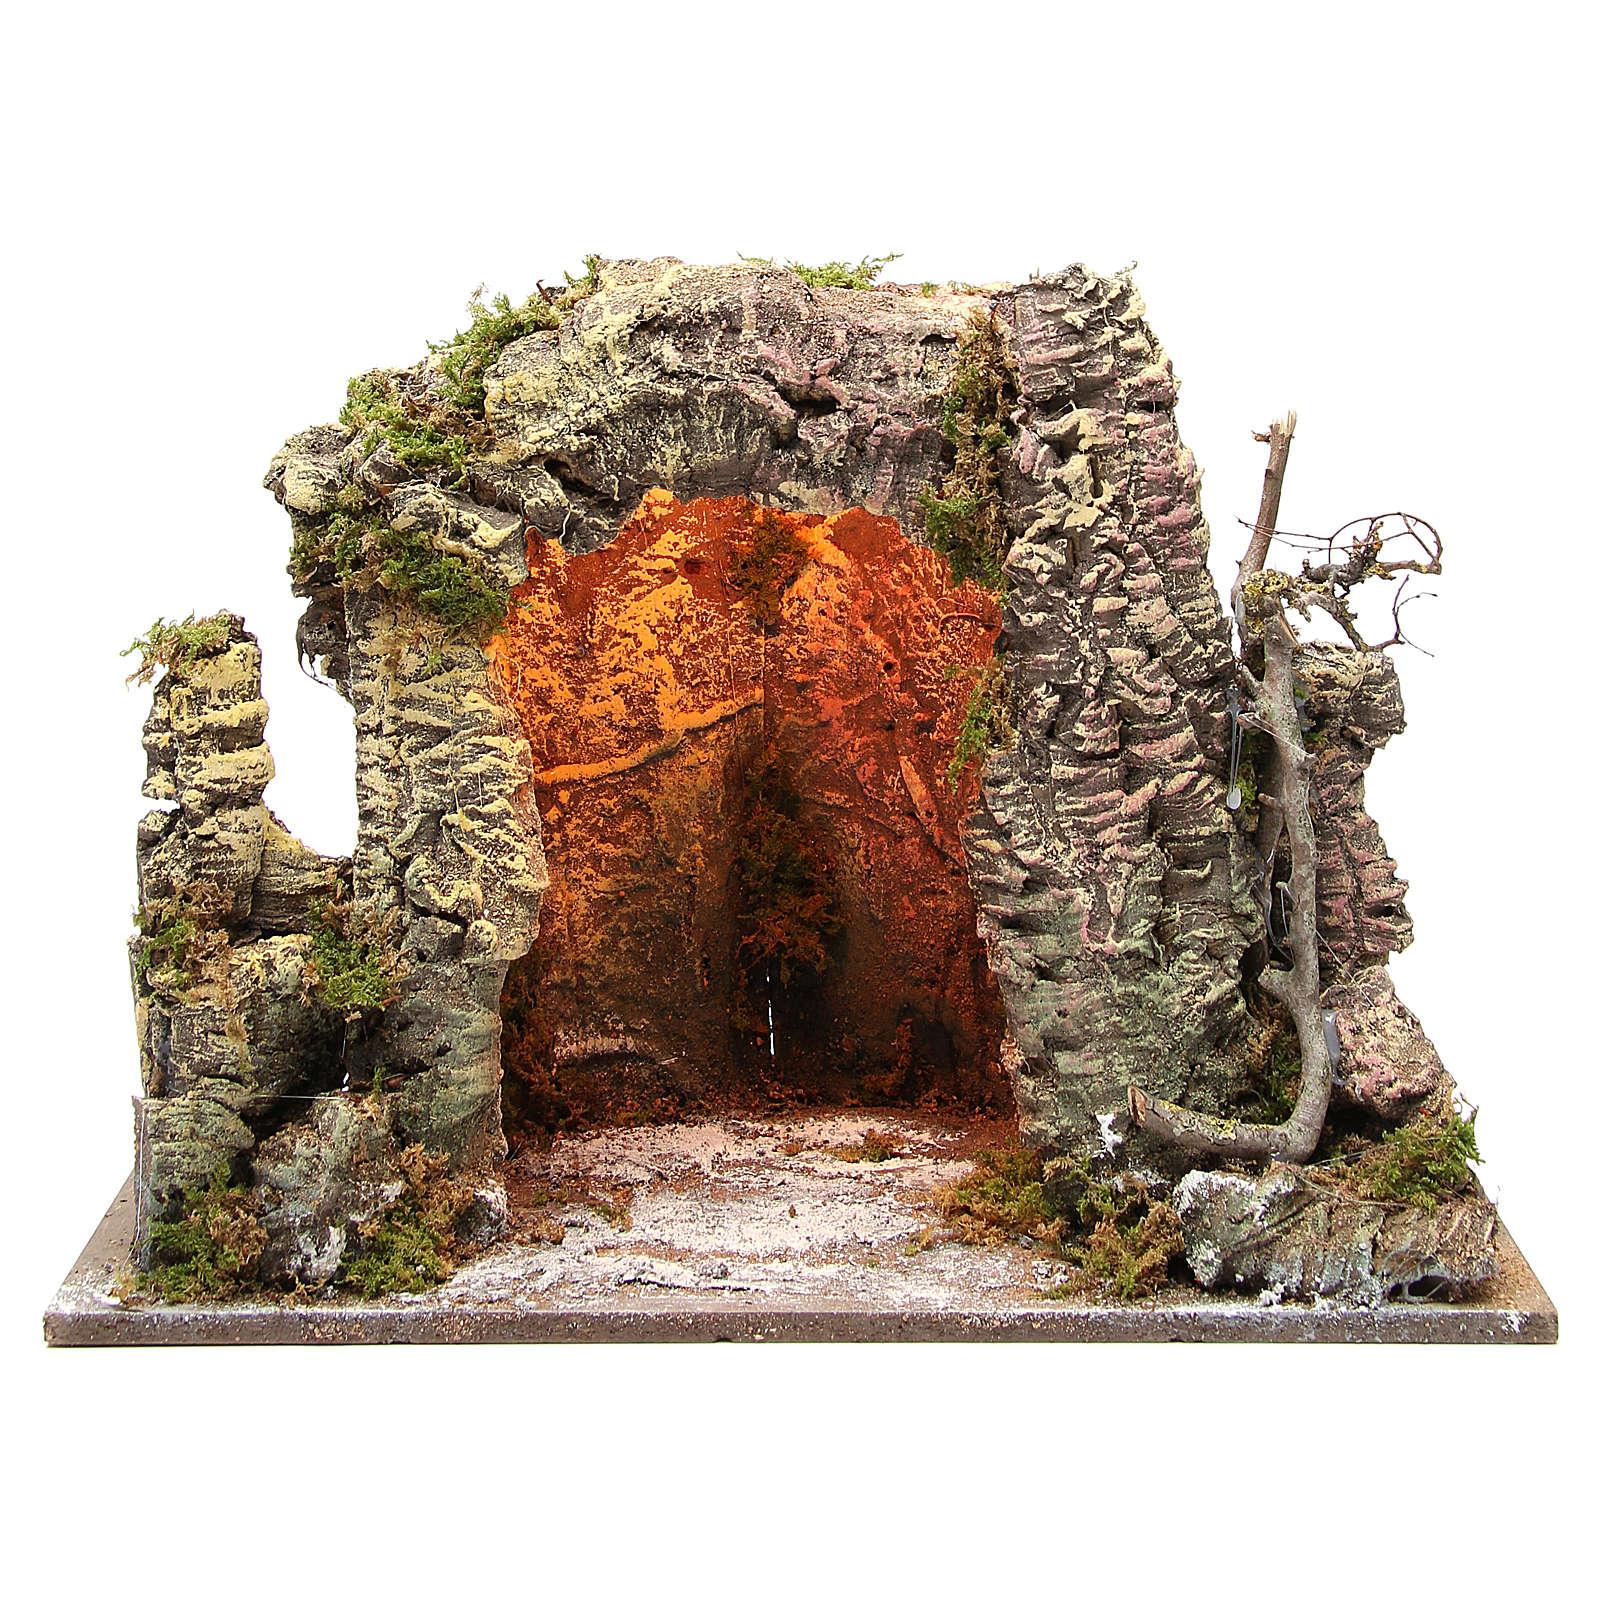 Grotte crèche illuminée 35x50x26 cm 4